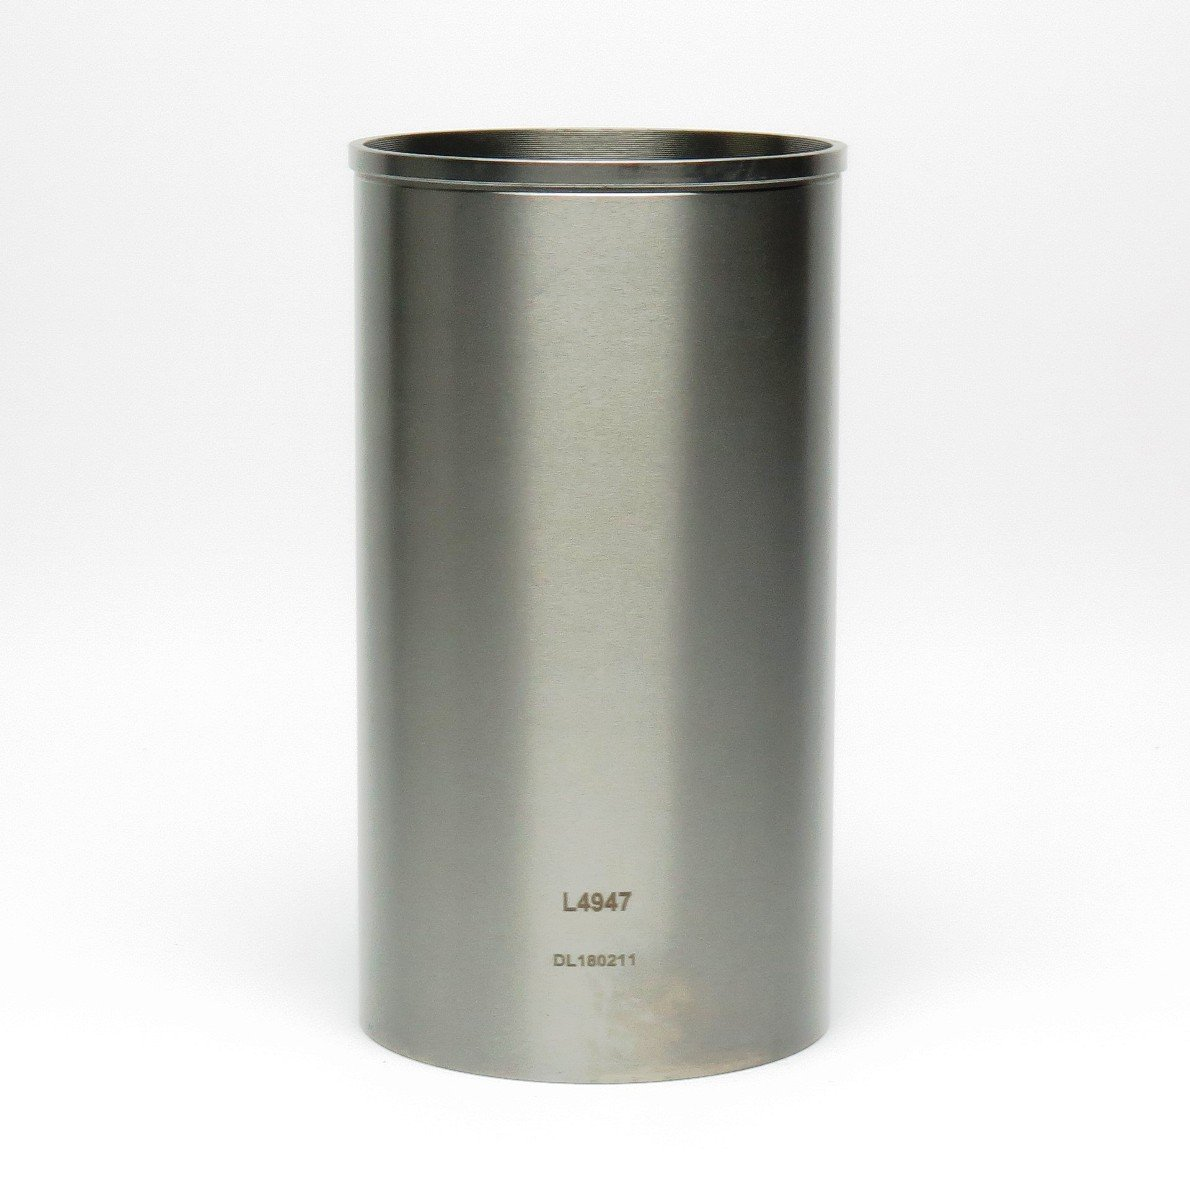 L 4947 - Flanged Repair Liner